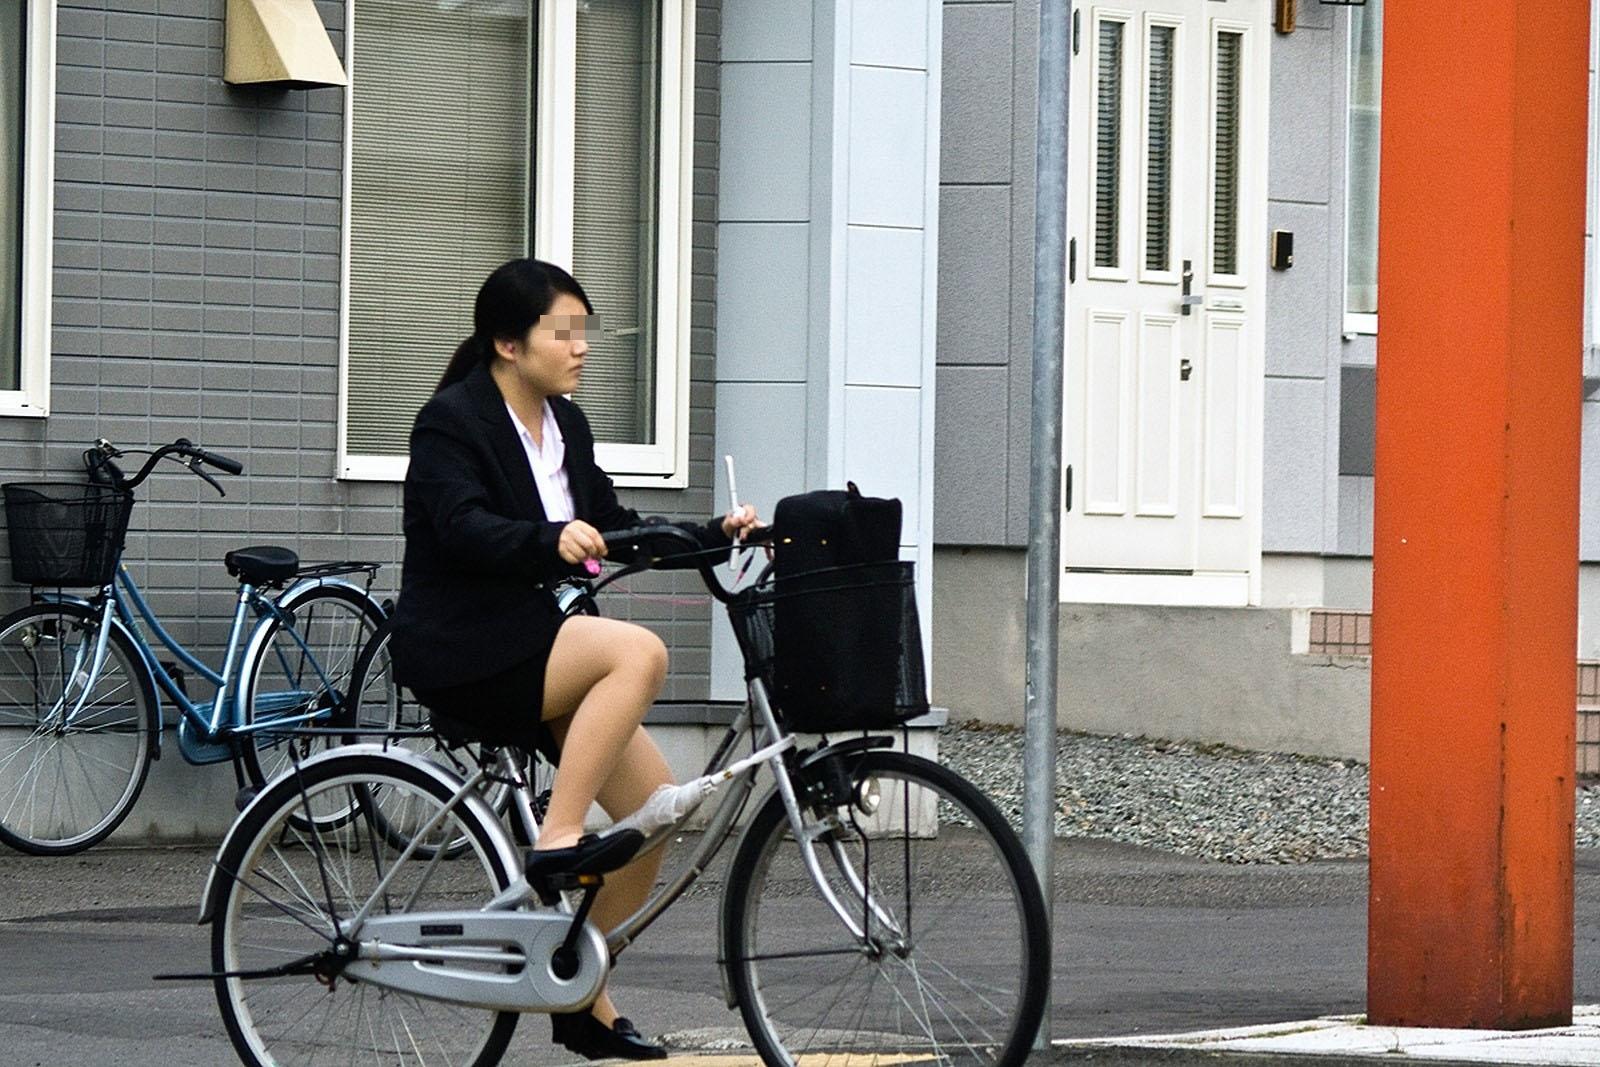 白スーツの自転車OLパンティライン盗撮エロ画像5枚目